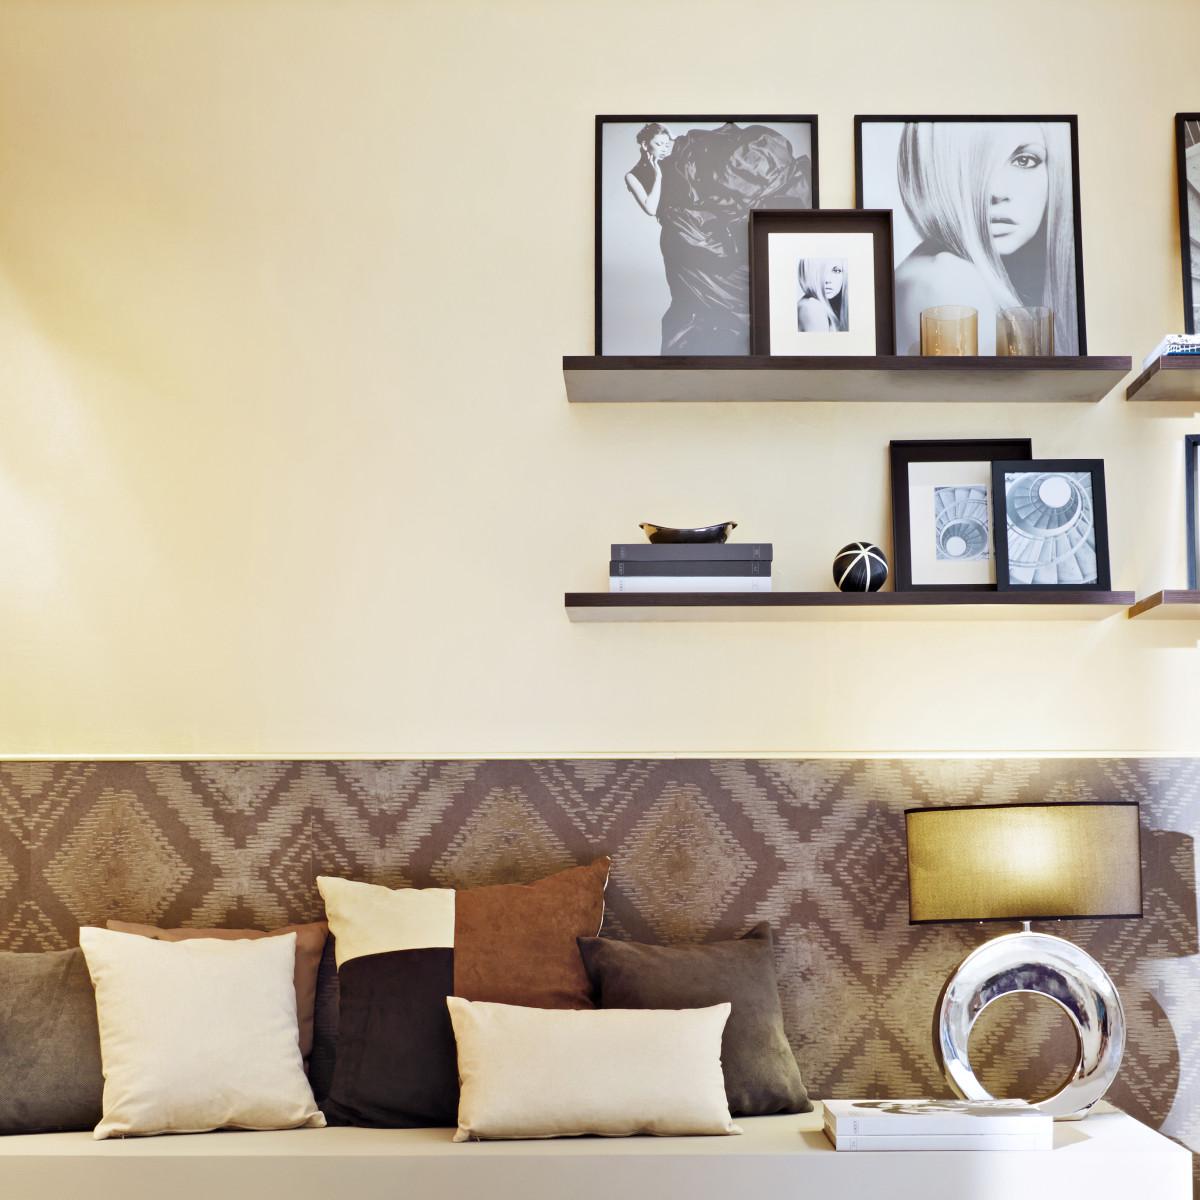 letto matrimoniale color ciliegio. Black Bedroom Furniture Sets. Home Design Ideas